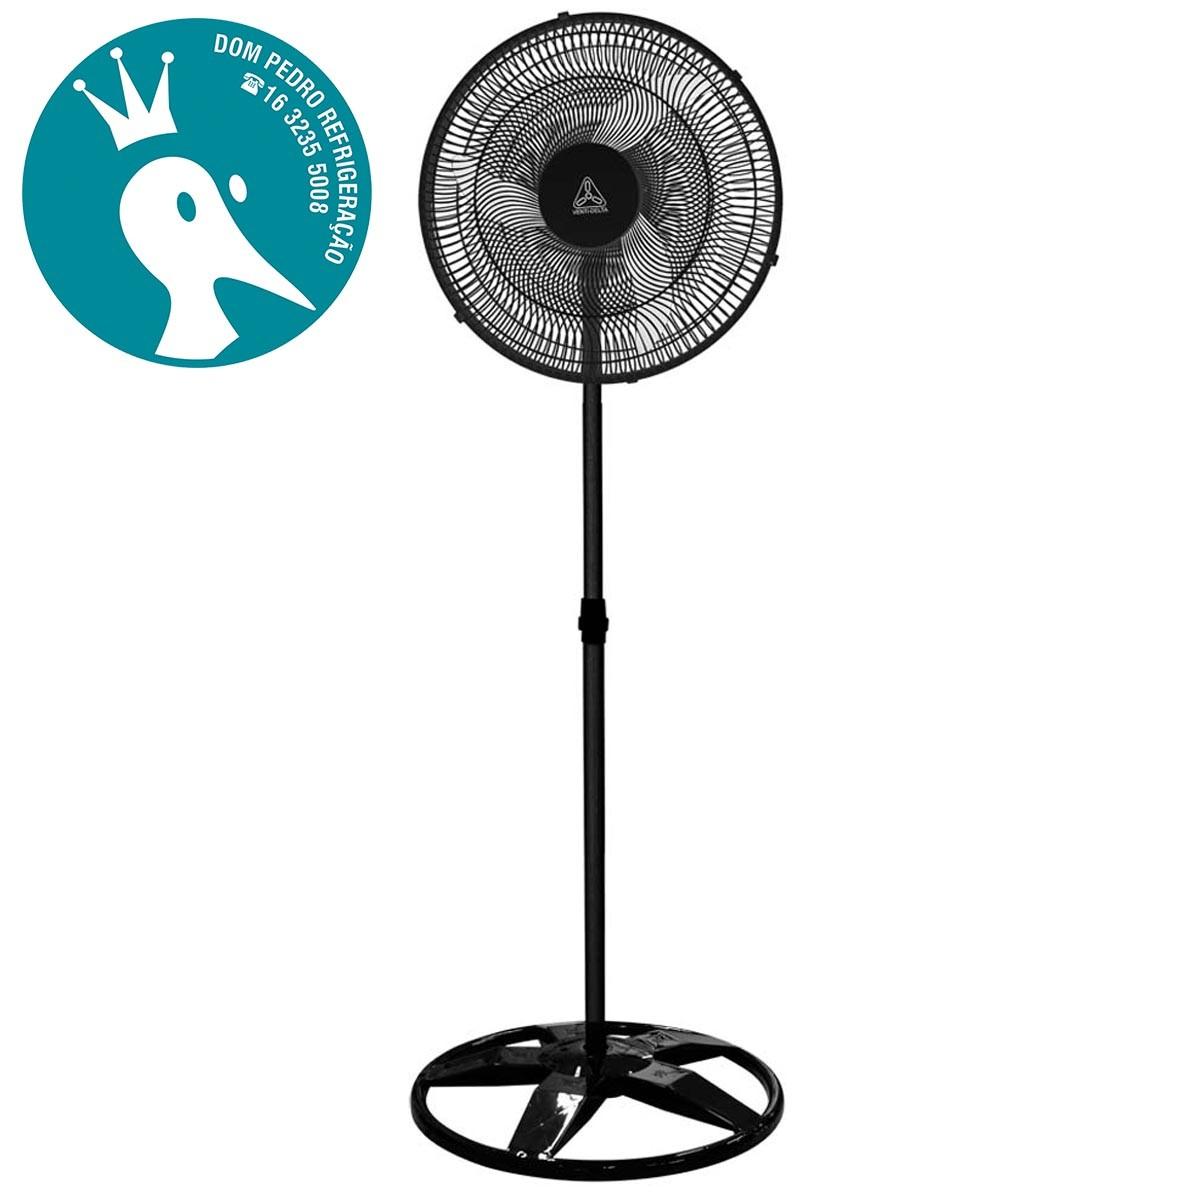 Ventilador de Coluna Premium Preto 50cm Bivolt - Venti Delta